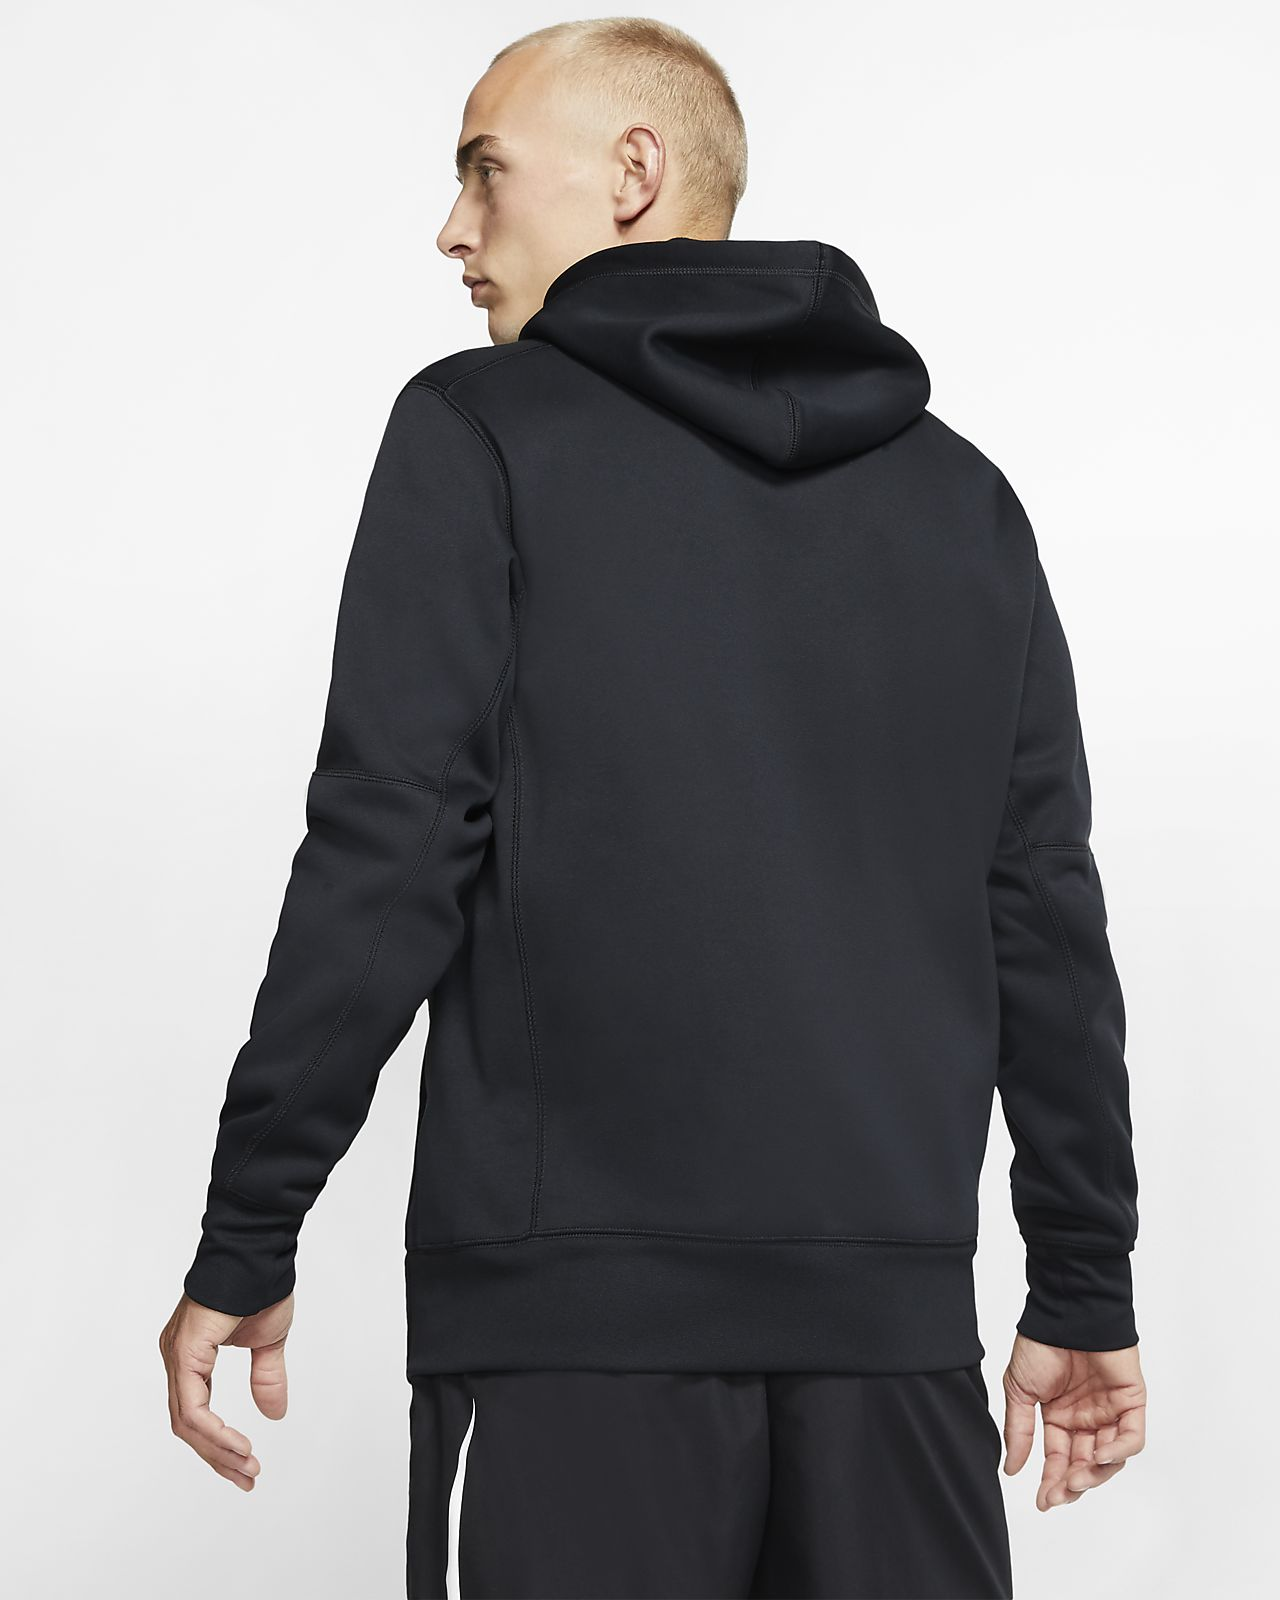 nike 3/4 baseball hoodie